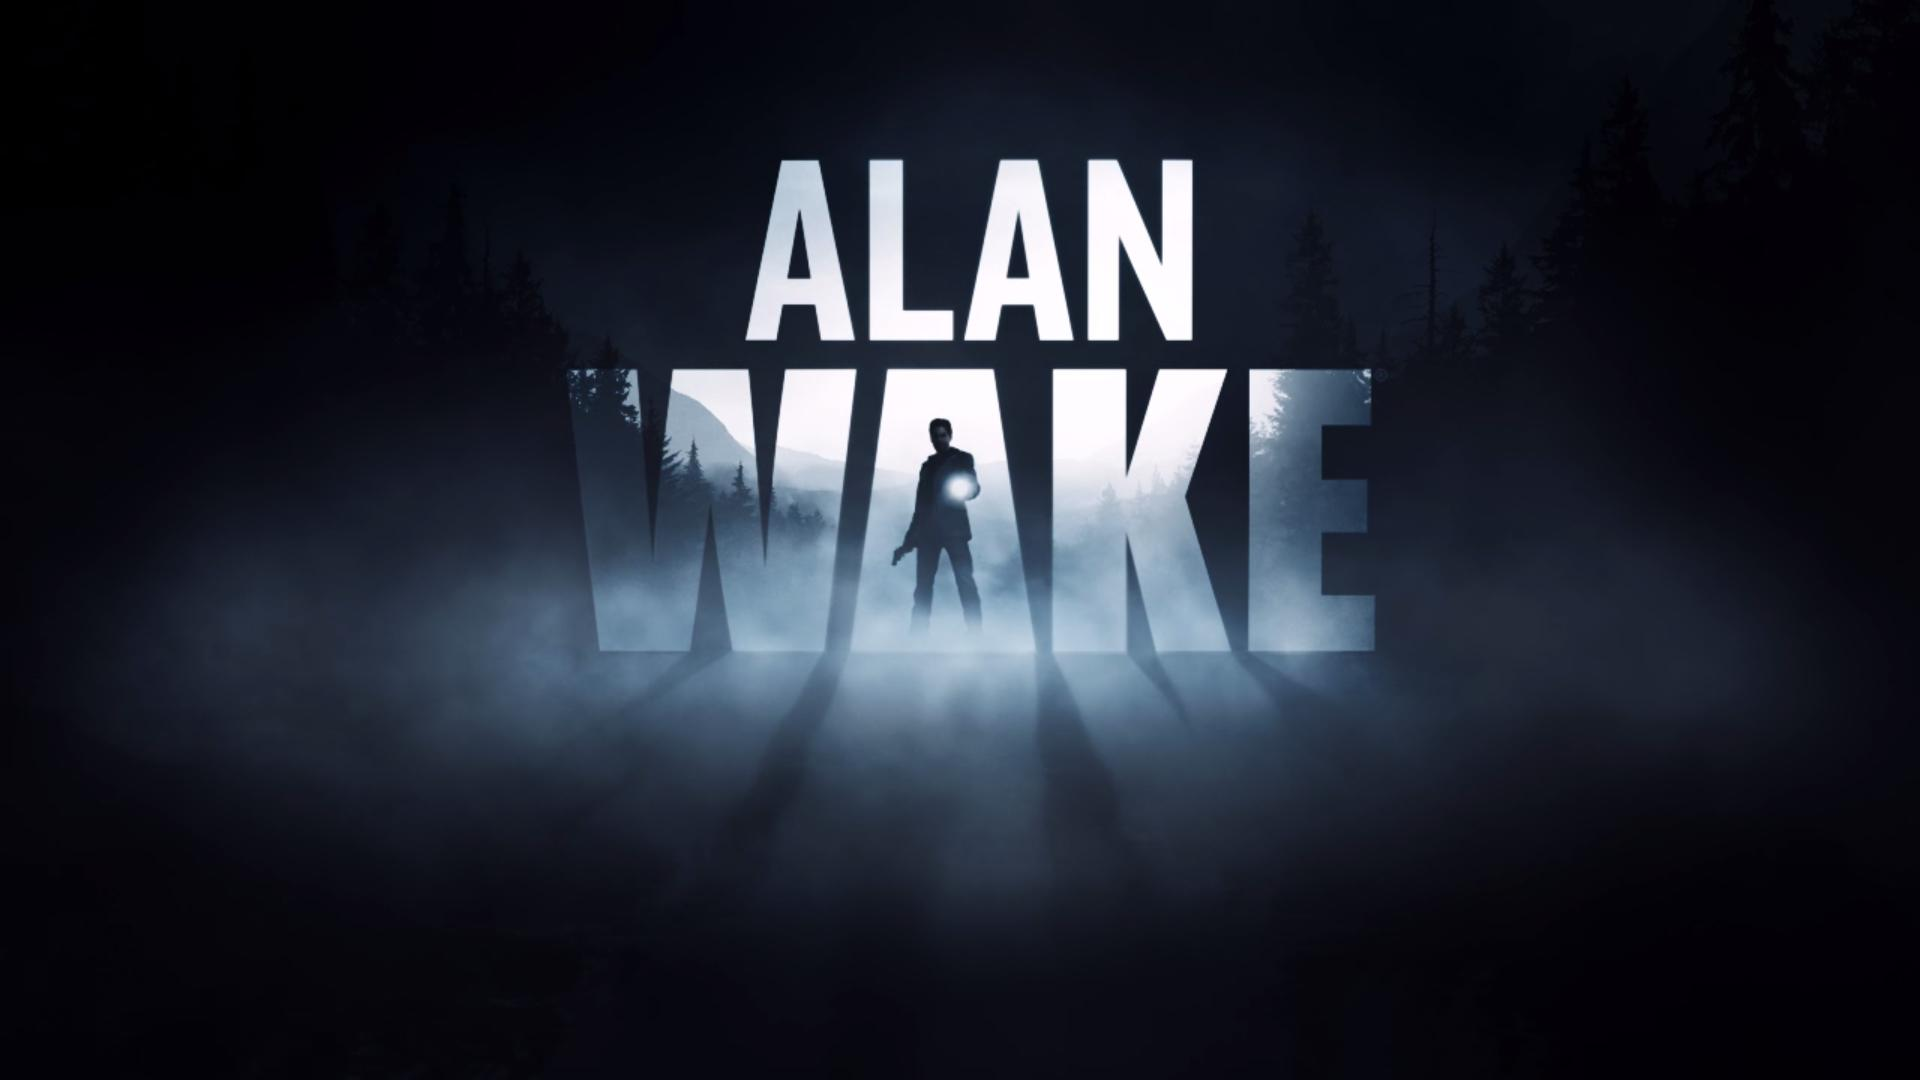 Alan Wake parece absolutamente incrível em Unreal Engine 4 através deste ...